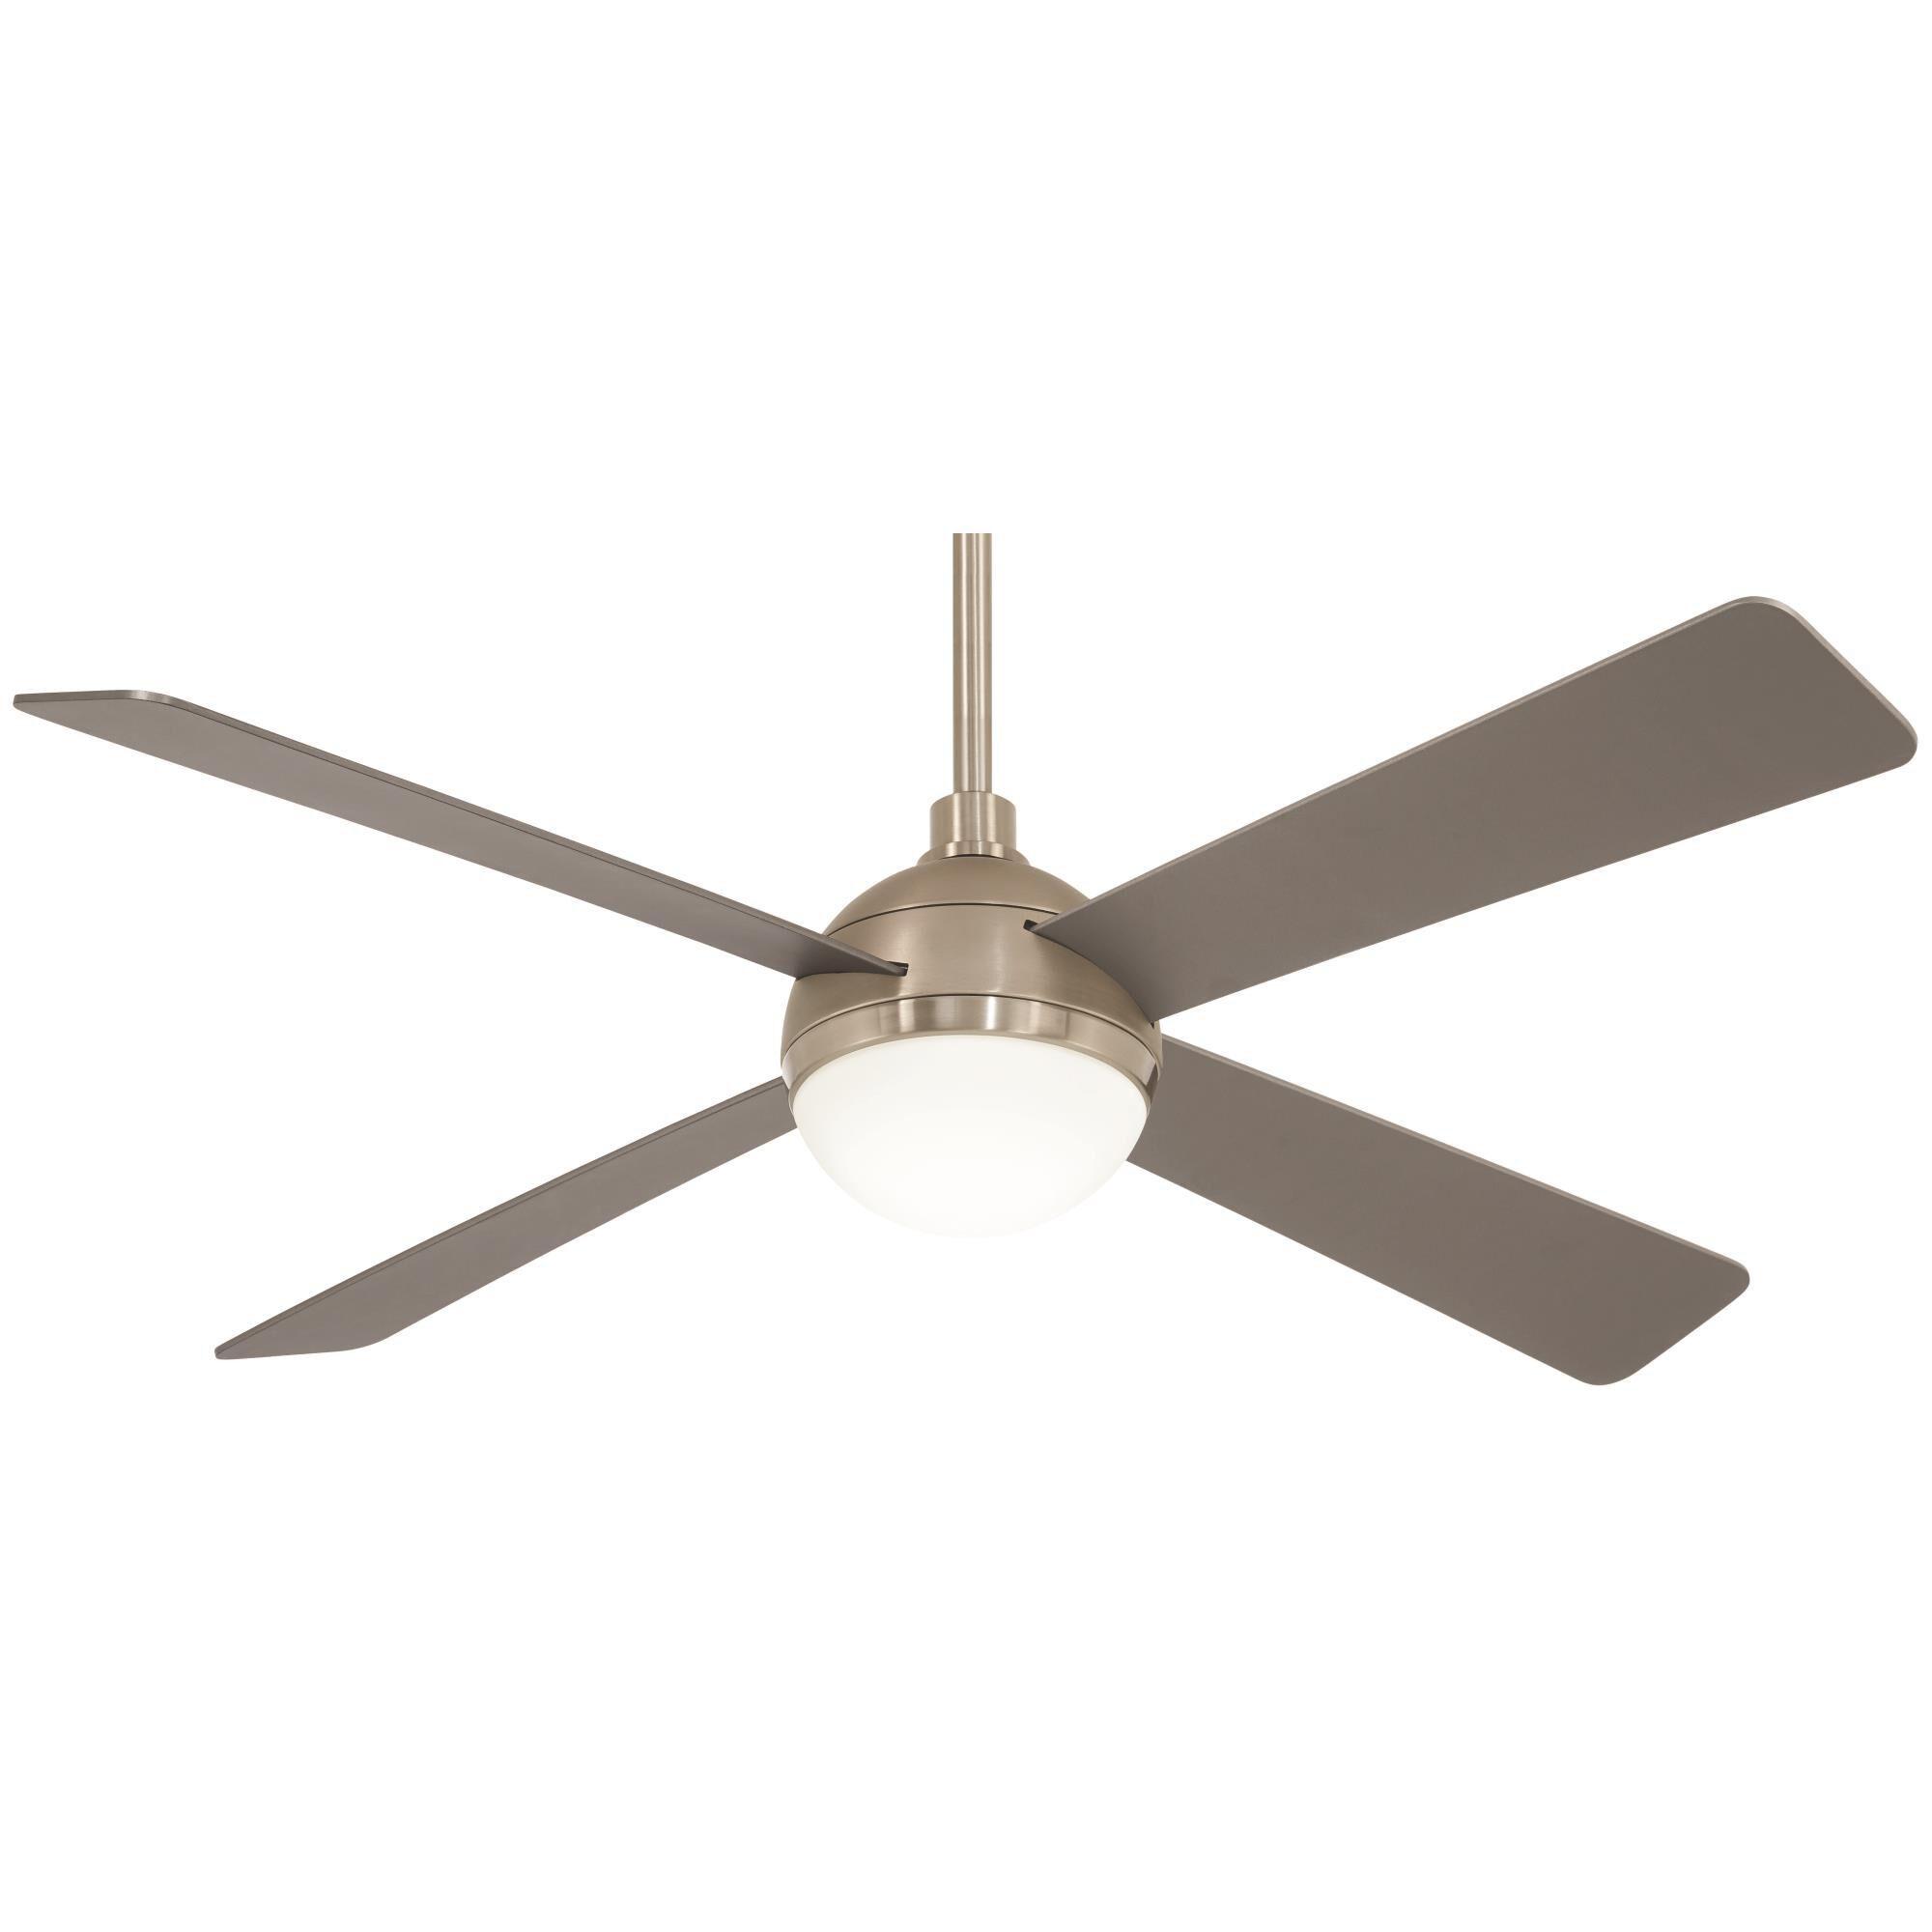 Orb Led 54 Inch Ceiling Fan With Light Kit Capitol Lighting Ceiling Fan With Light Fan Light Ceiling Fan